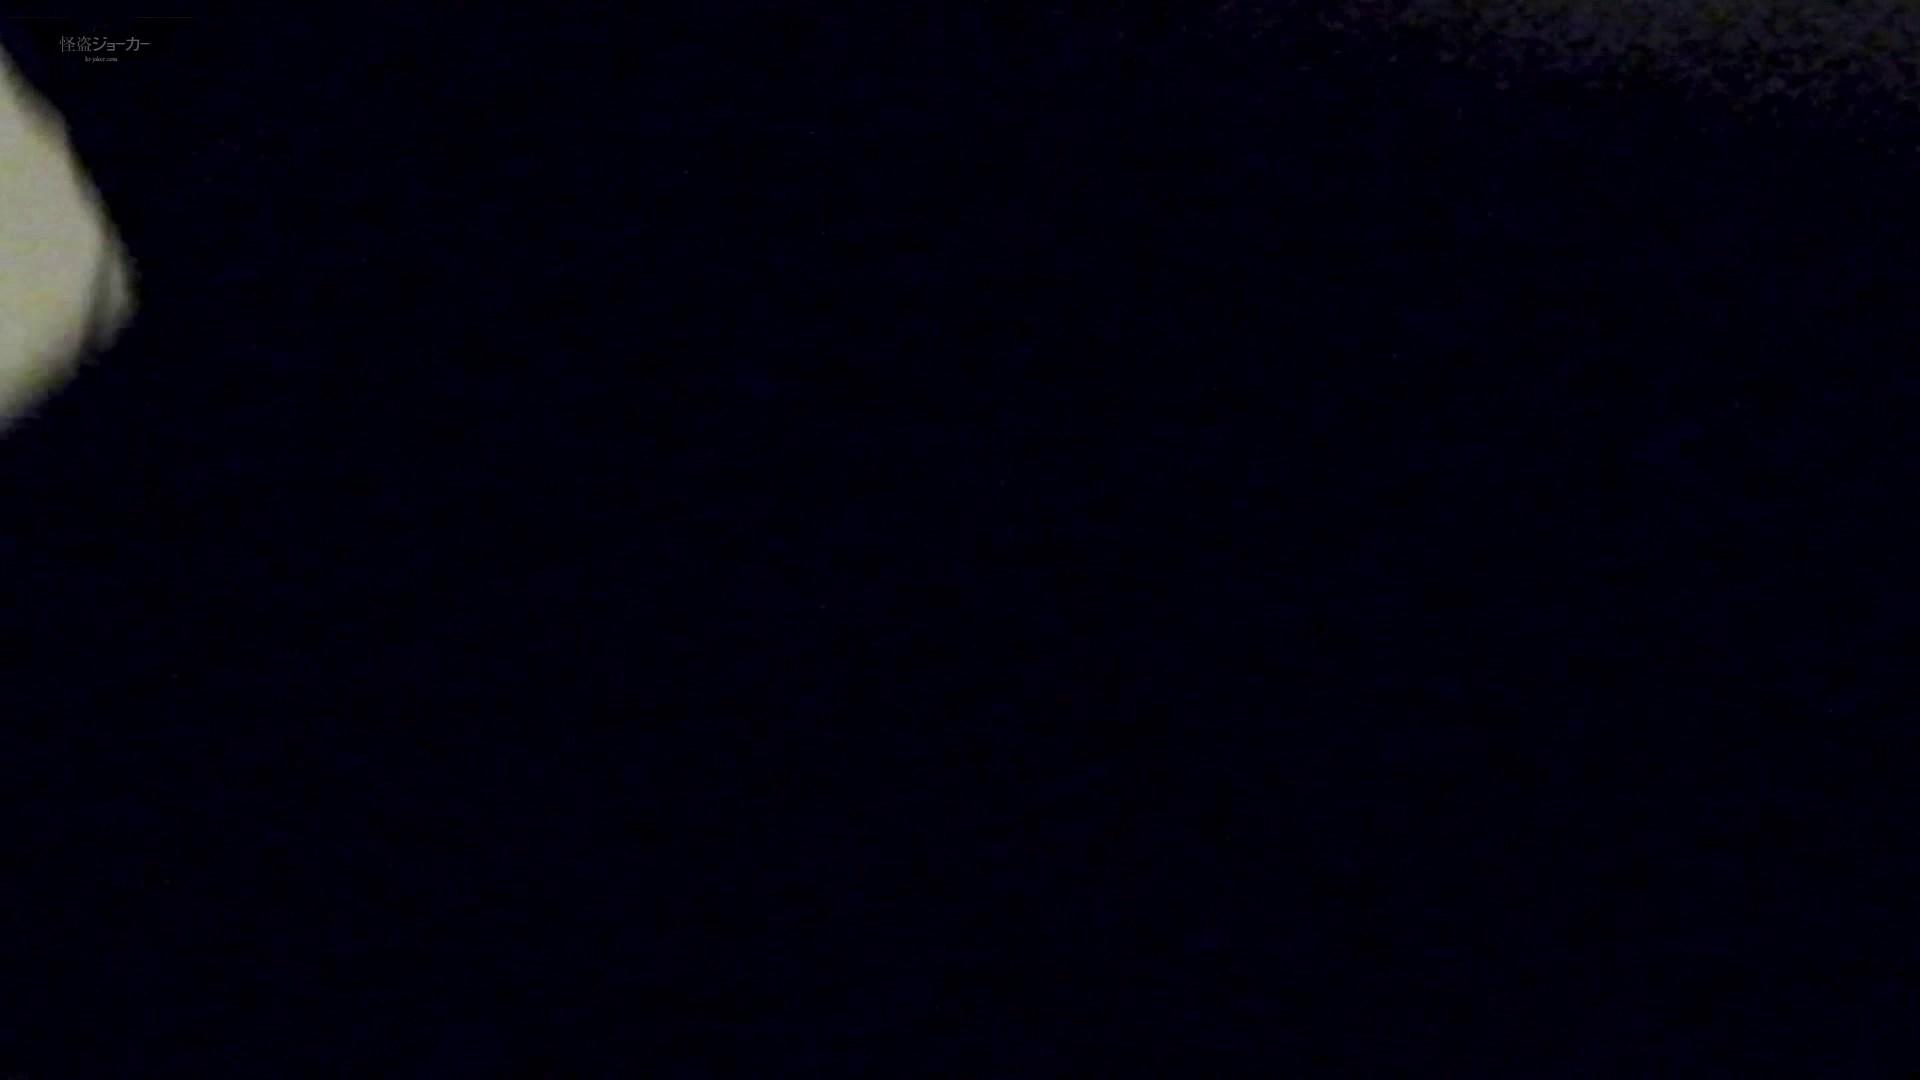 新世界の射窓 No64日本ギャル登場か?ハイヒール大特集! 洗面所着替え   ギャル・コレクション  95連発 71